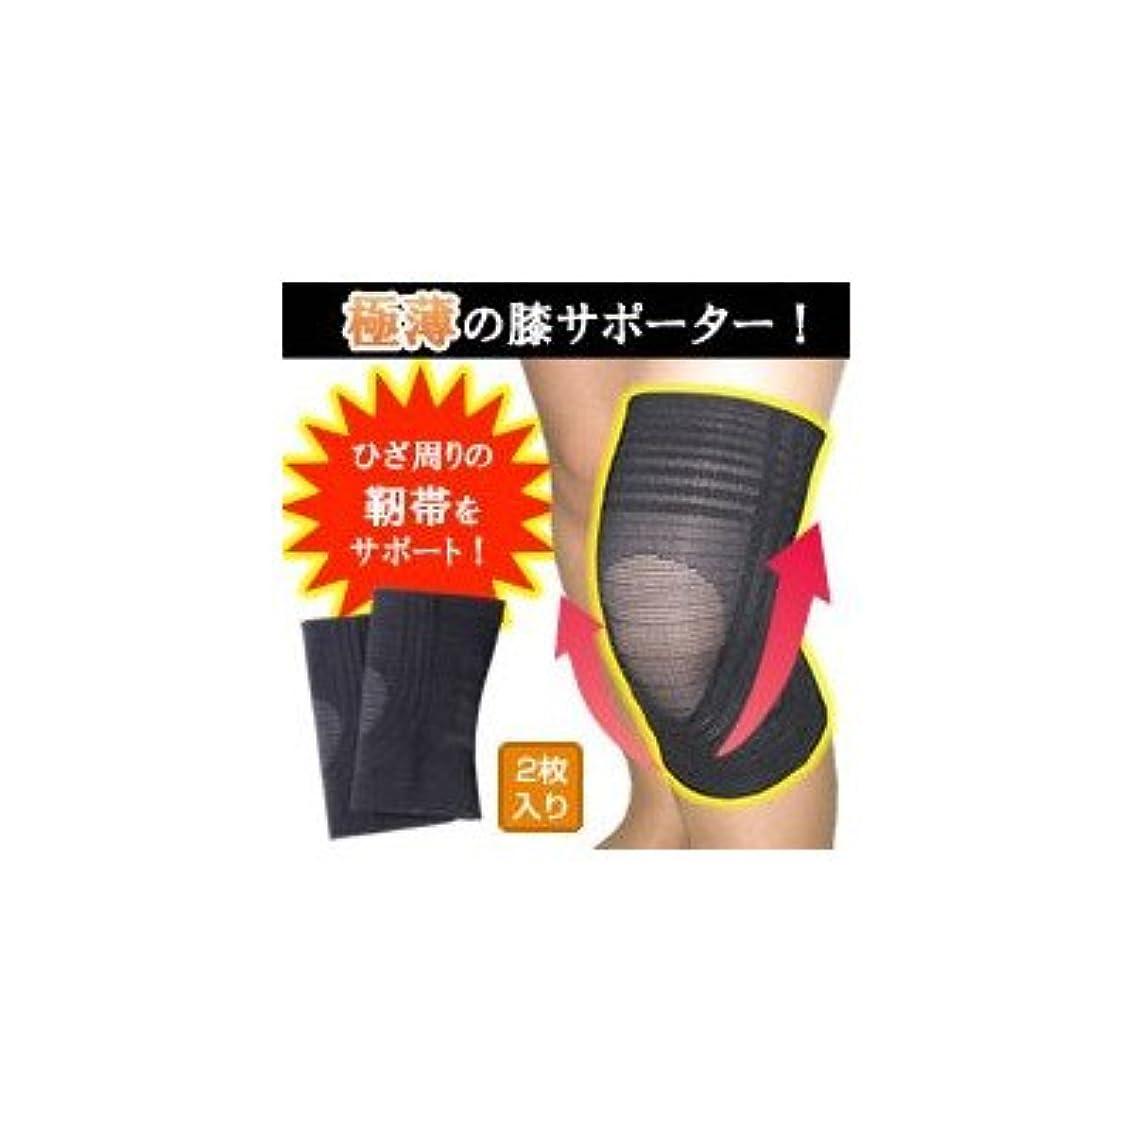 純正ギャザー干渉する縁の下の膝靭帯サポーター M( 画像はイメージ画像です お届けの商品はMのみとなります)